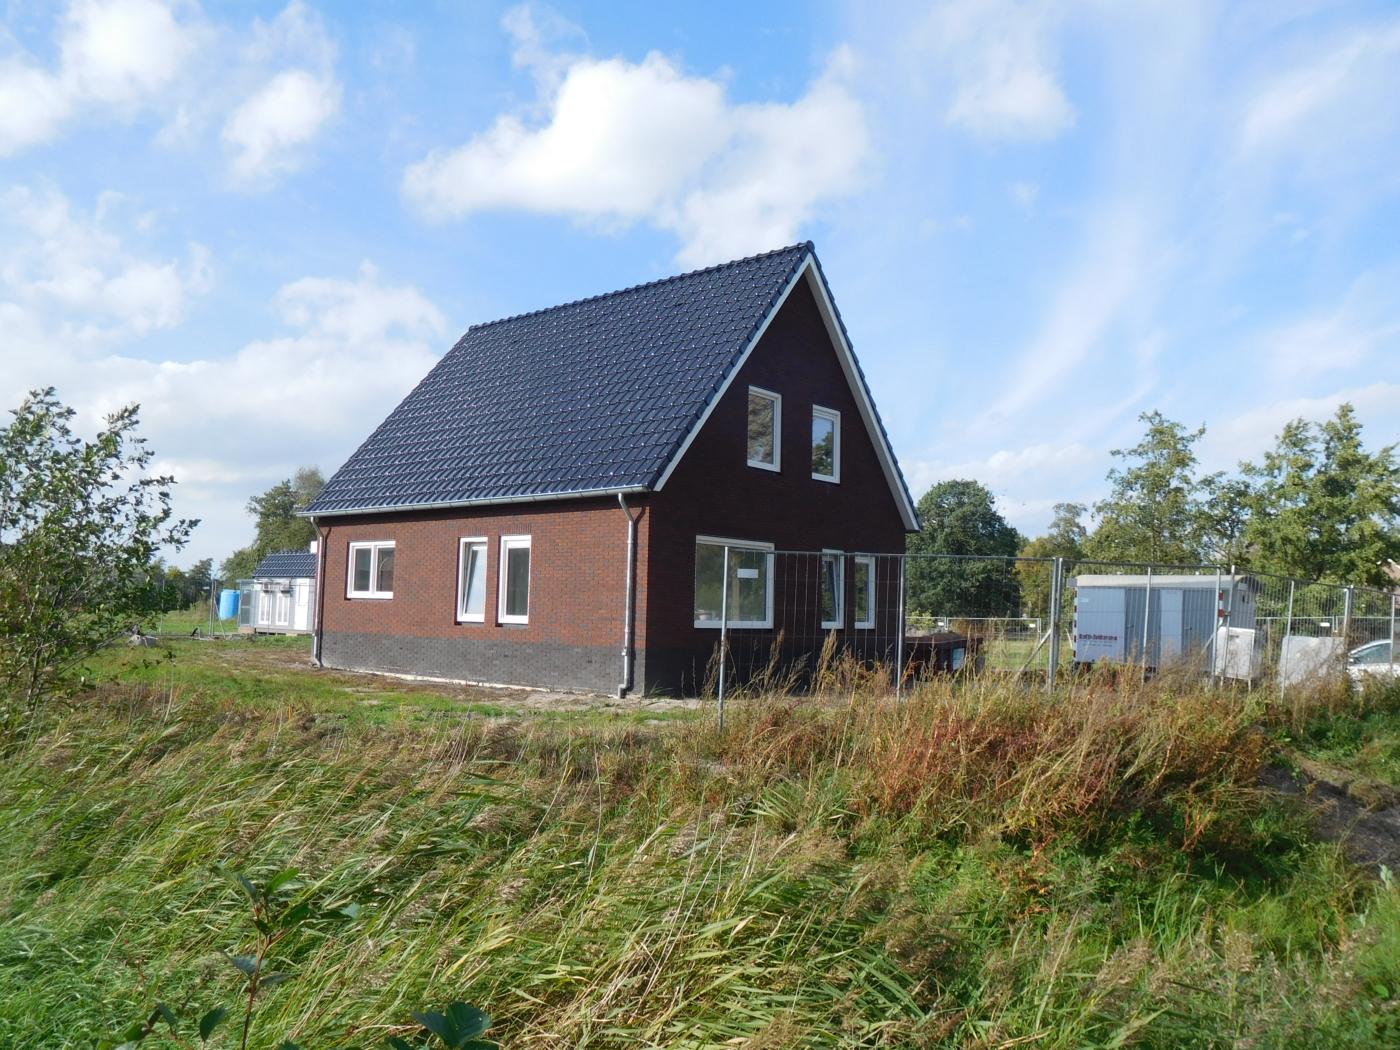 Energiezuinig huis bouwen in friesland en groningen oeds for Energiezuinig huis bouwen